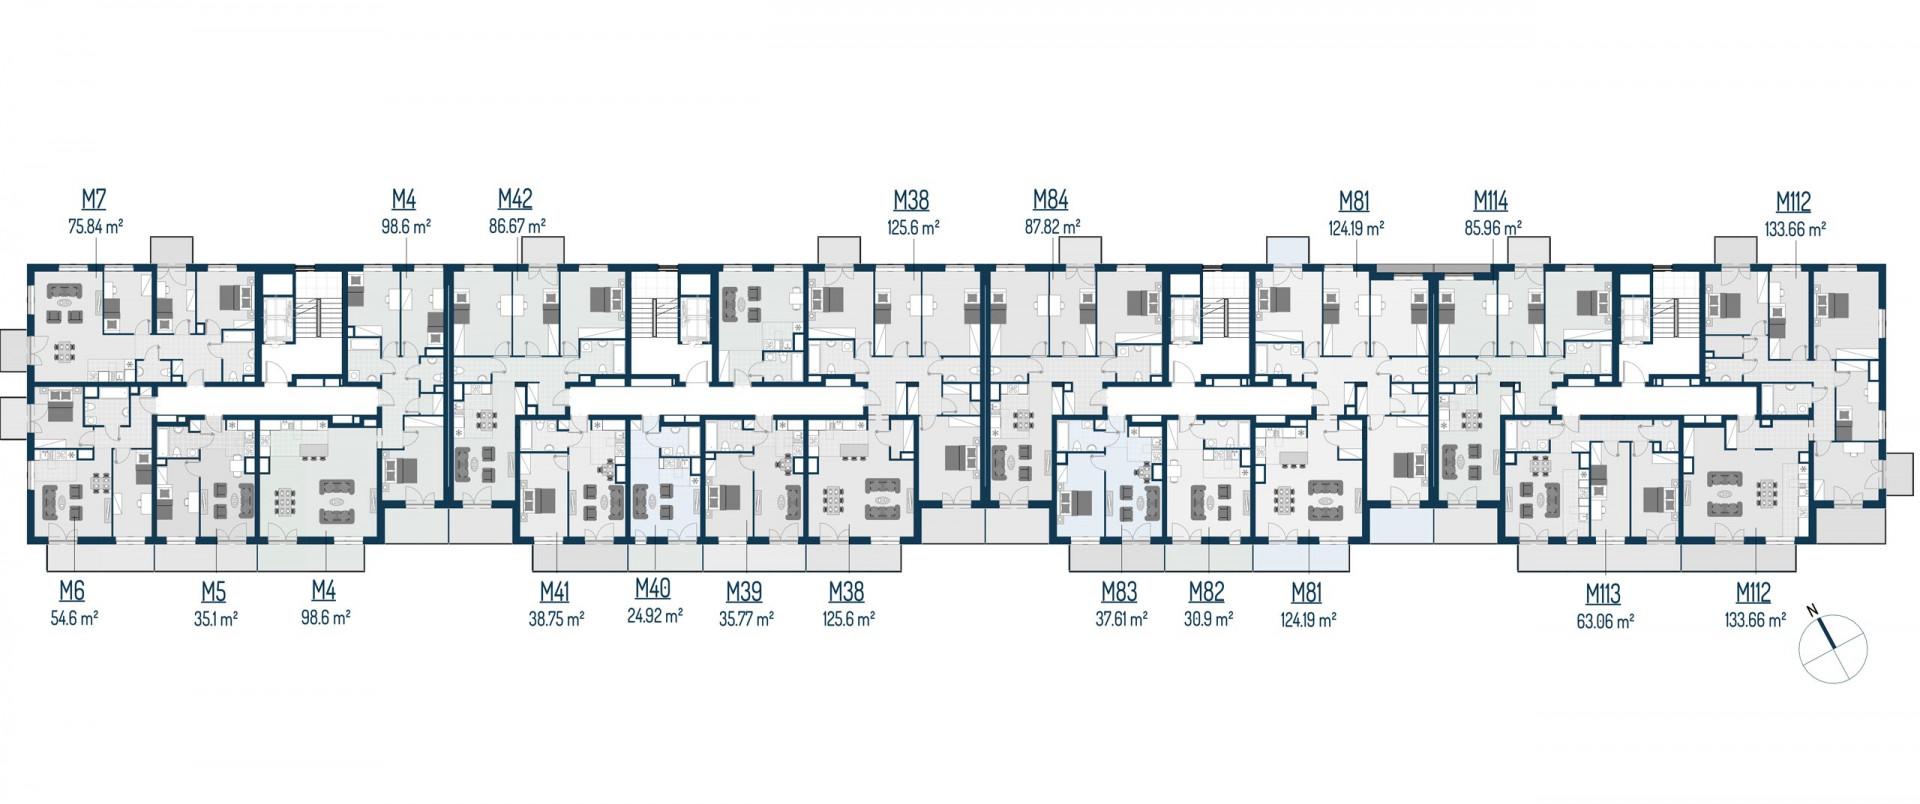 Zdrowe Stylove / budynek 2 / mieszkanie nr 113 rzut 2